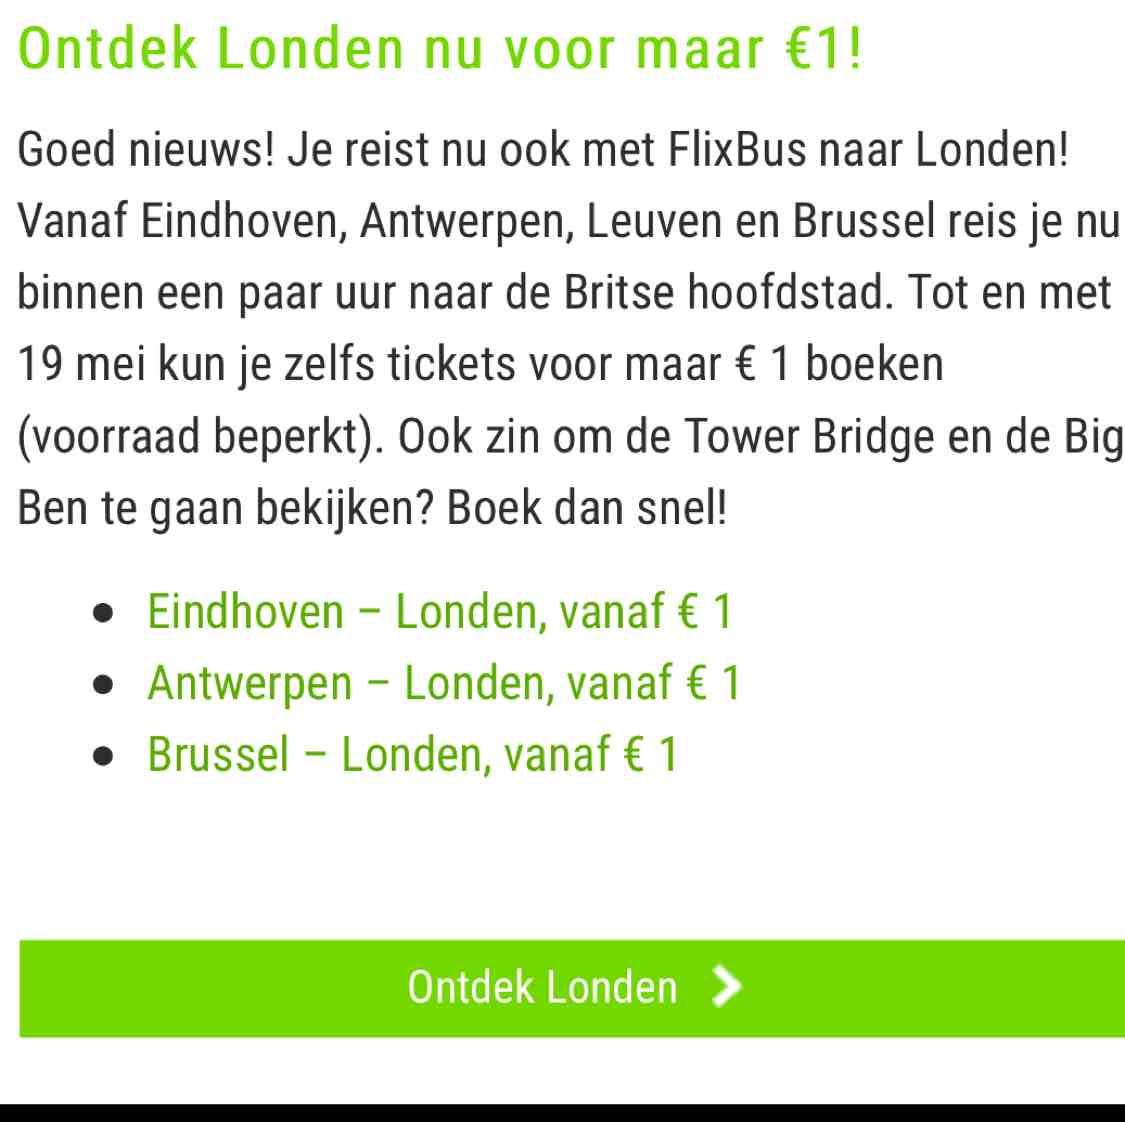 [UPDATE] Voor €1 met de flixbus naar Londen @ Flixbus